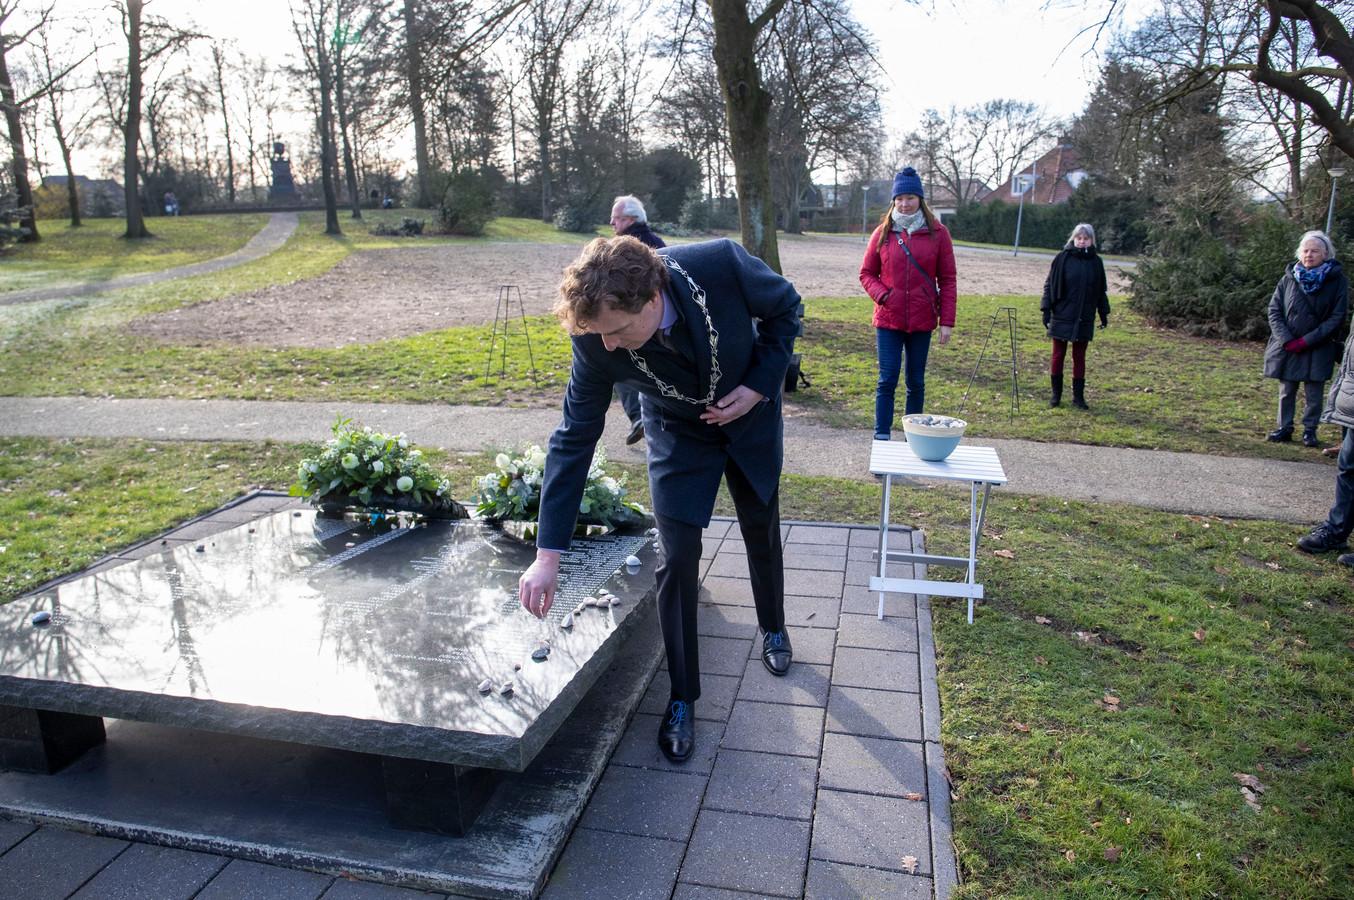 Burgemeester René Verhulst legt een steentje op het Joods monument in Ede. Dat is een oud Joods gebruik om een overlevende te eren en de herinnering levend te houden.